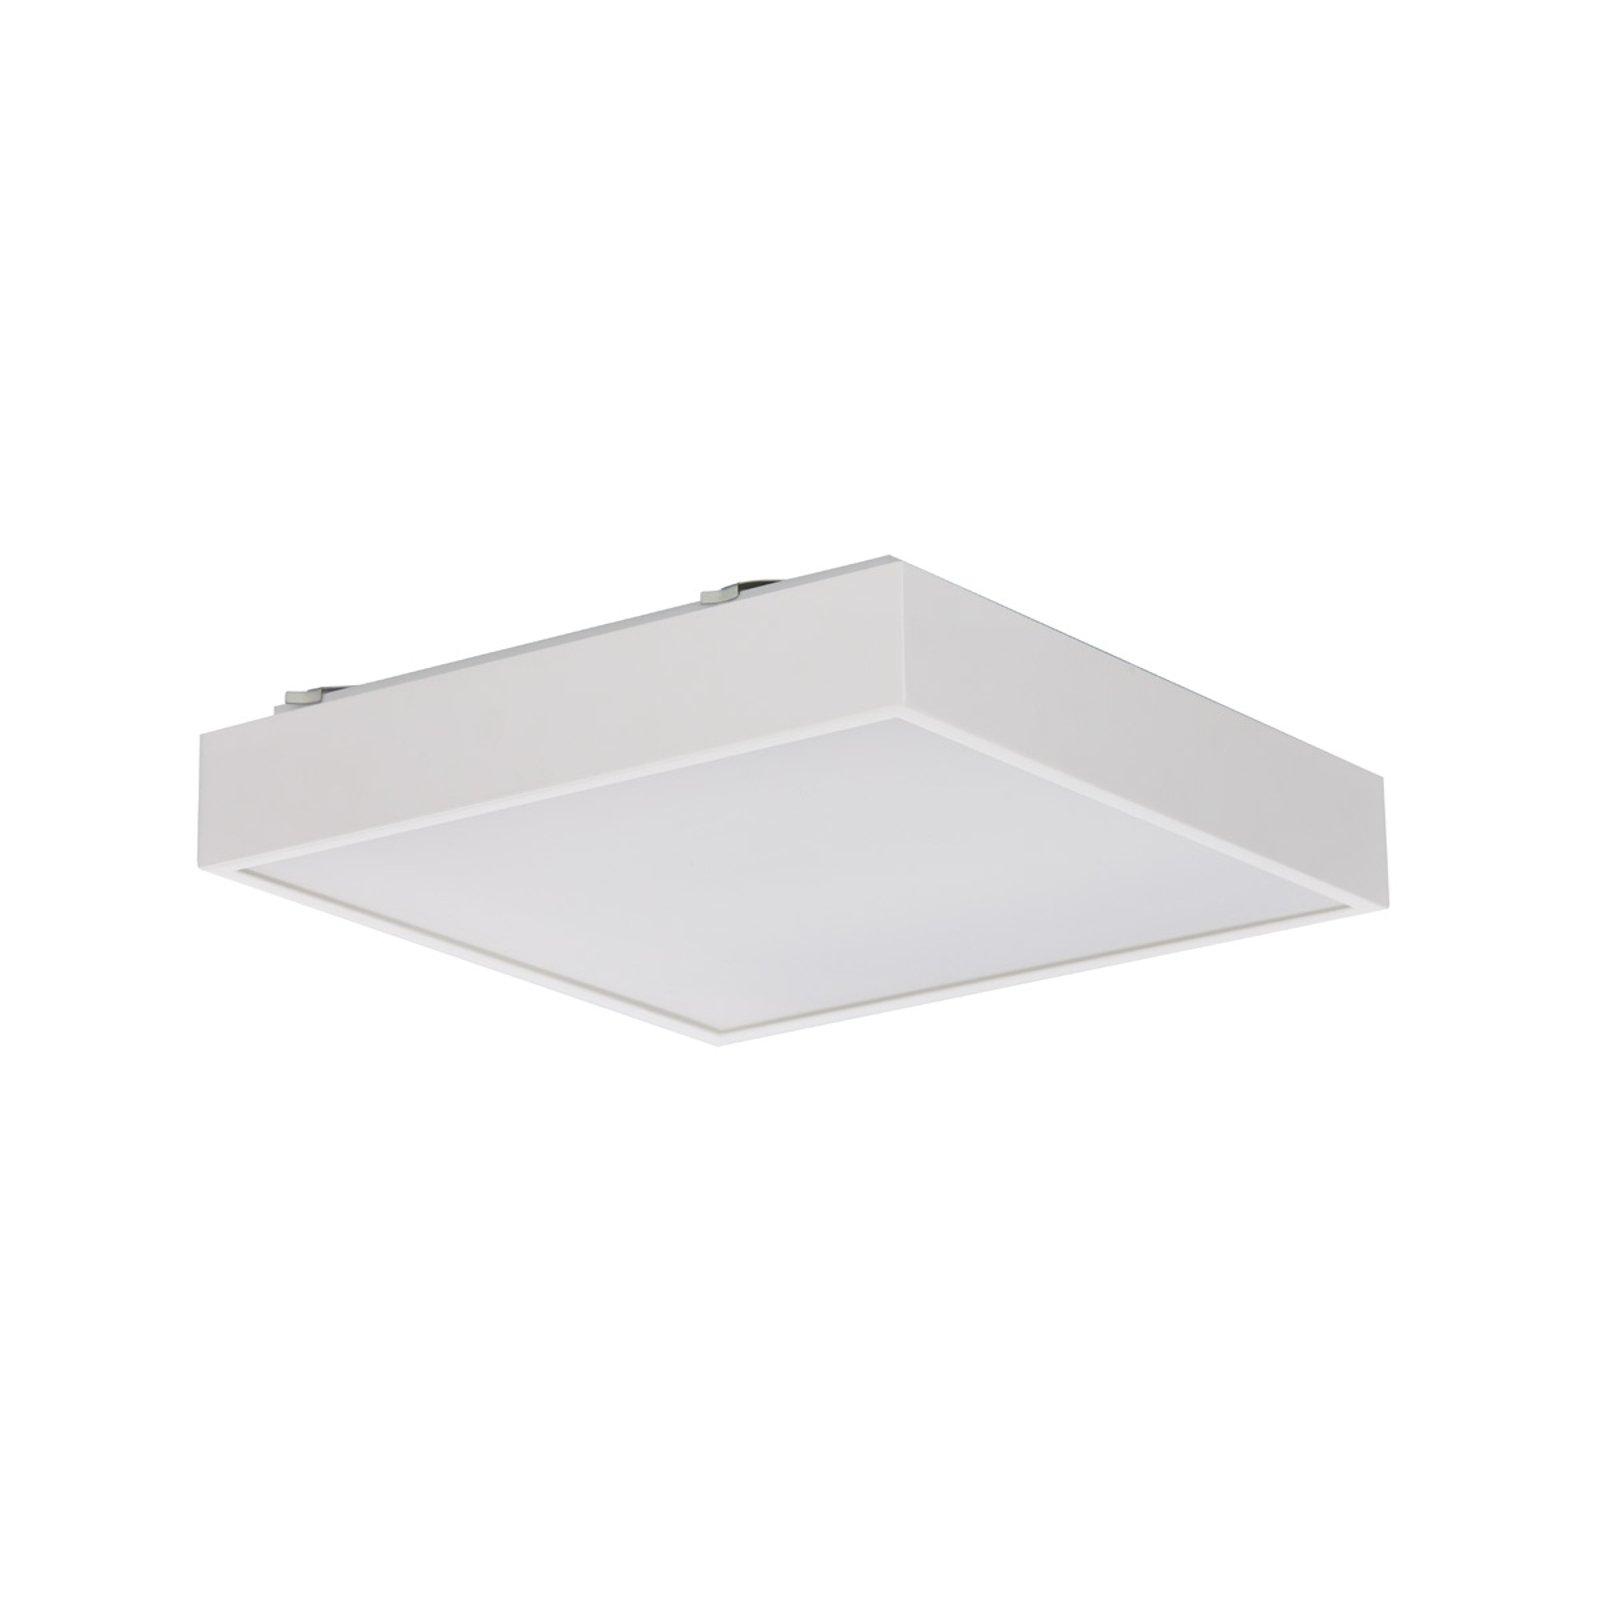 Q4 - LED-taklampe i hvitt DALI